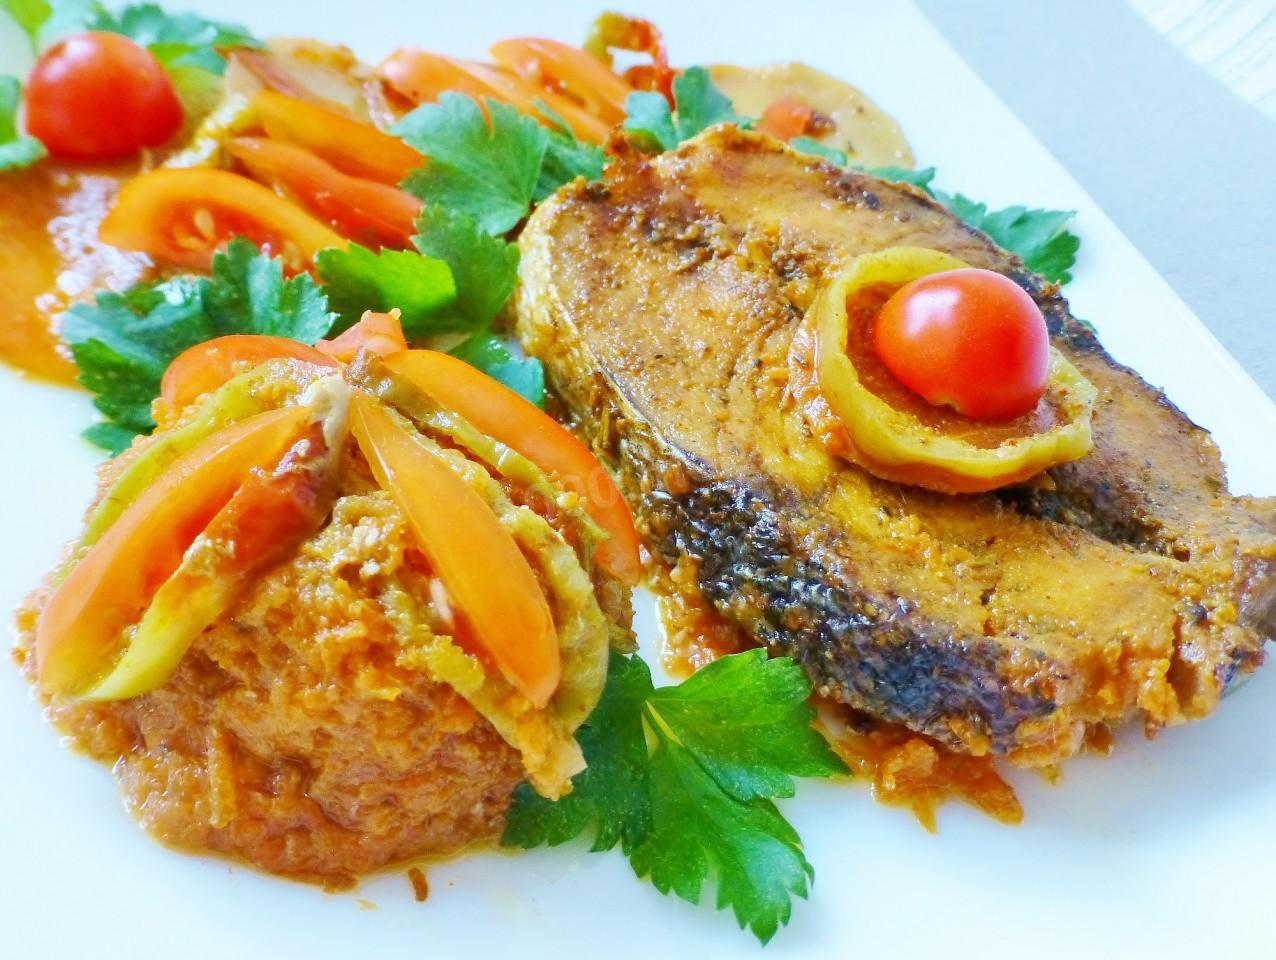 Филе трески запеченное в духовке с овощами и орехами фото